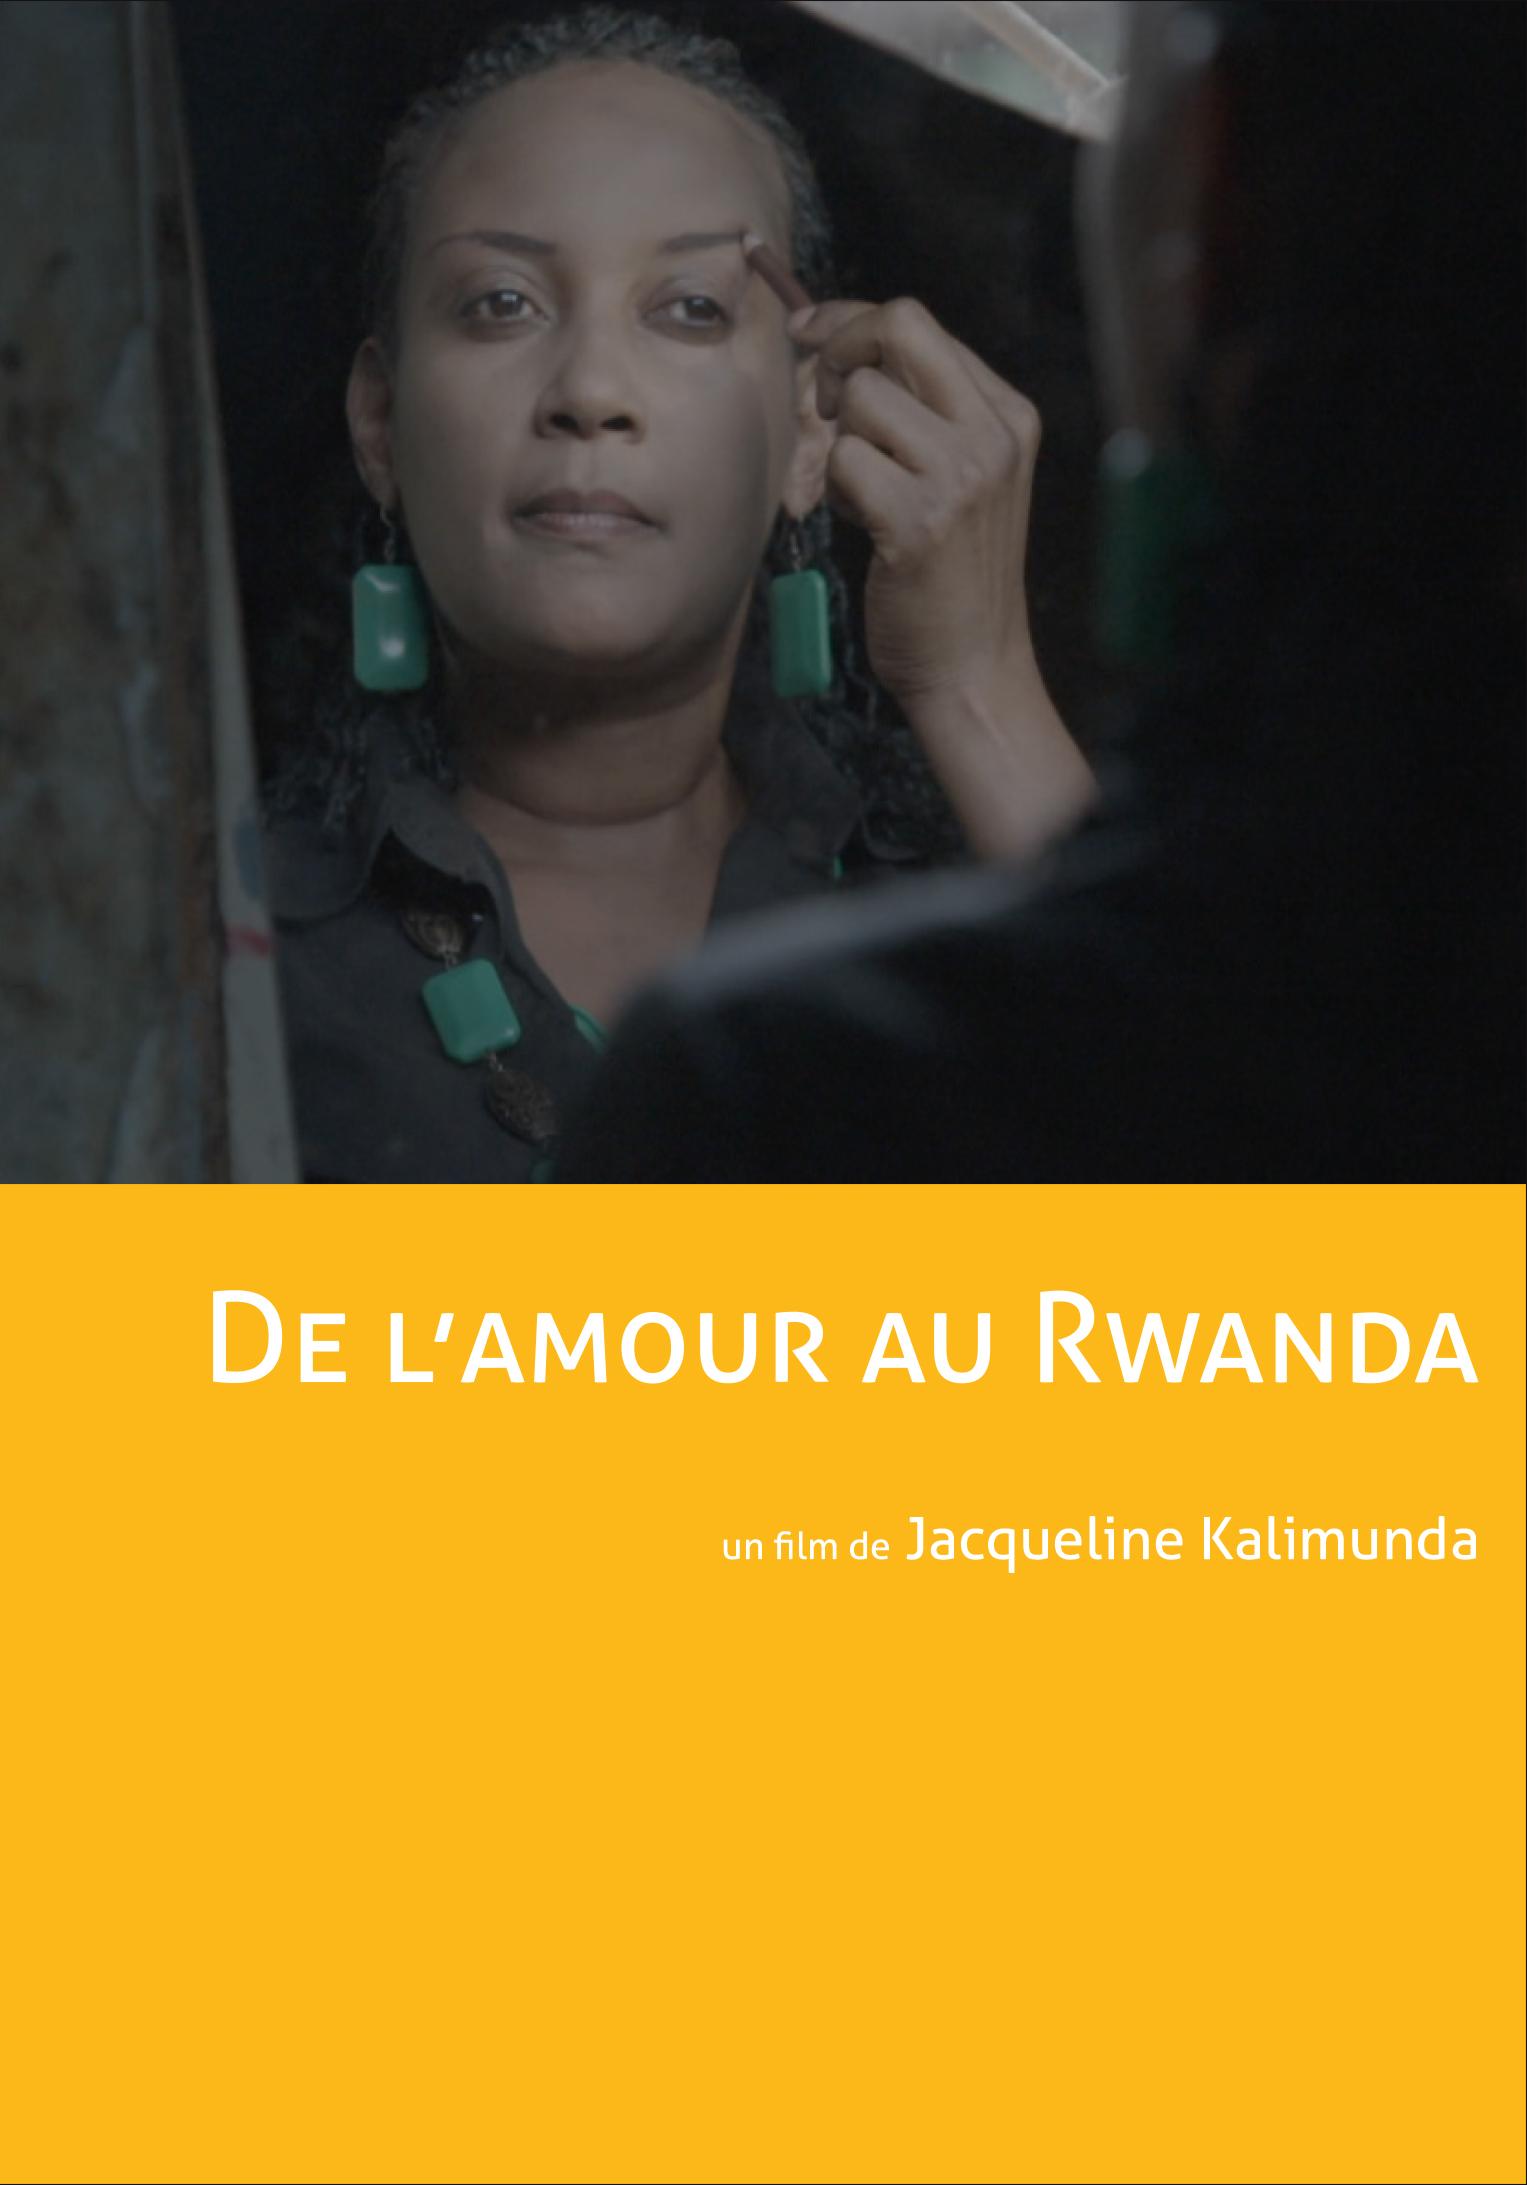 DeLAmourAuRwanda.jpg